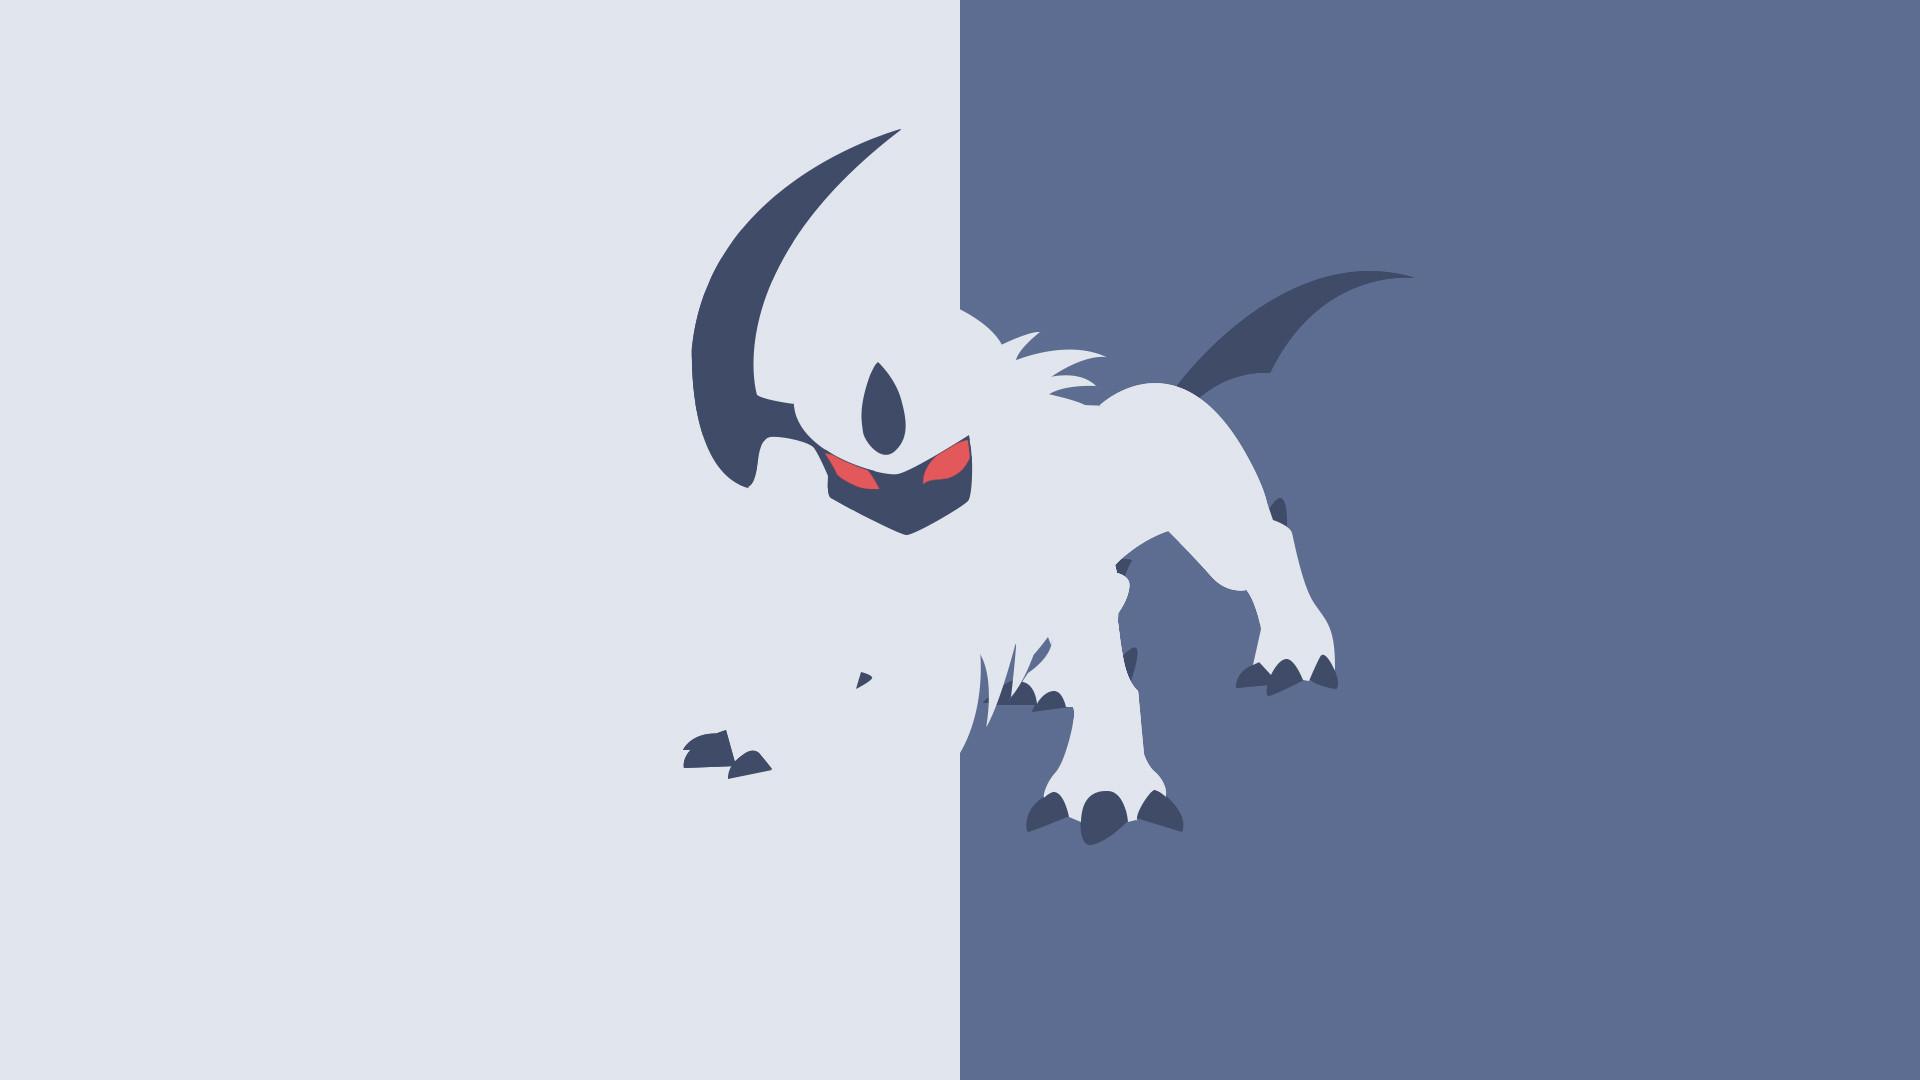 Pokemon 3d Live Wallpaper Shiny Absol Wallpaper 183 ①